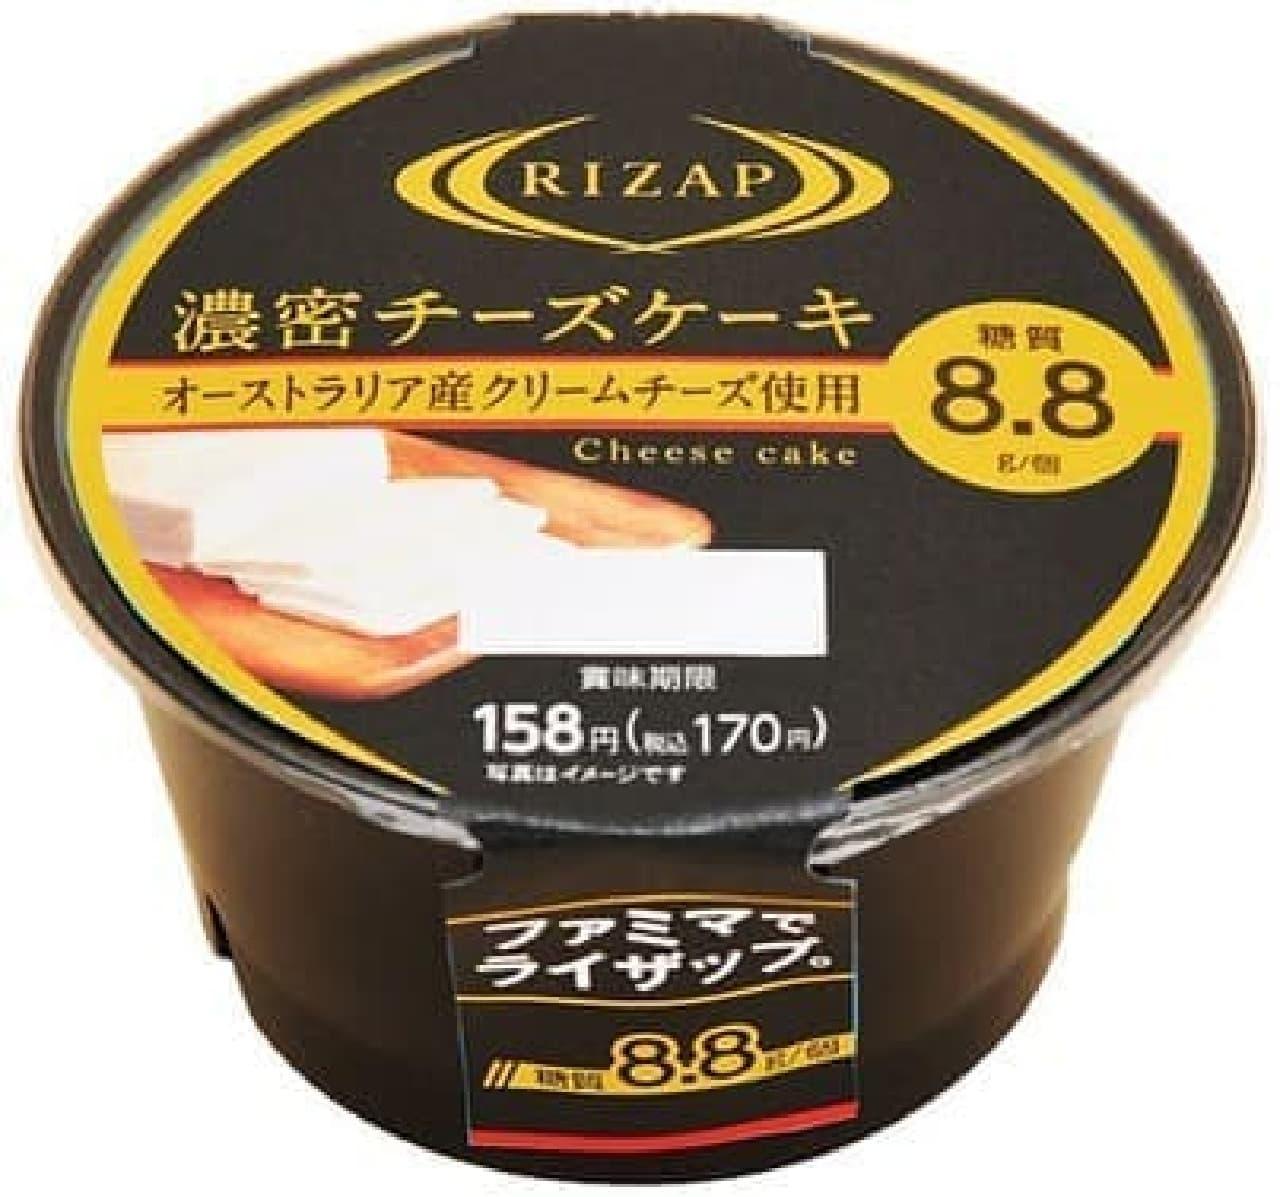 ファミリーマート「RIZAP 濃密チーズケーキ」